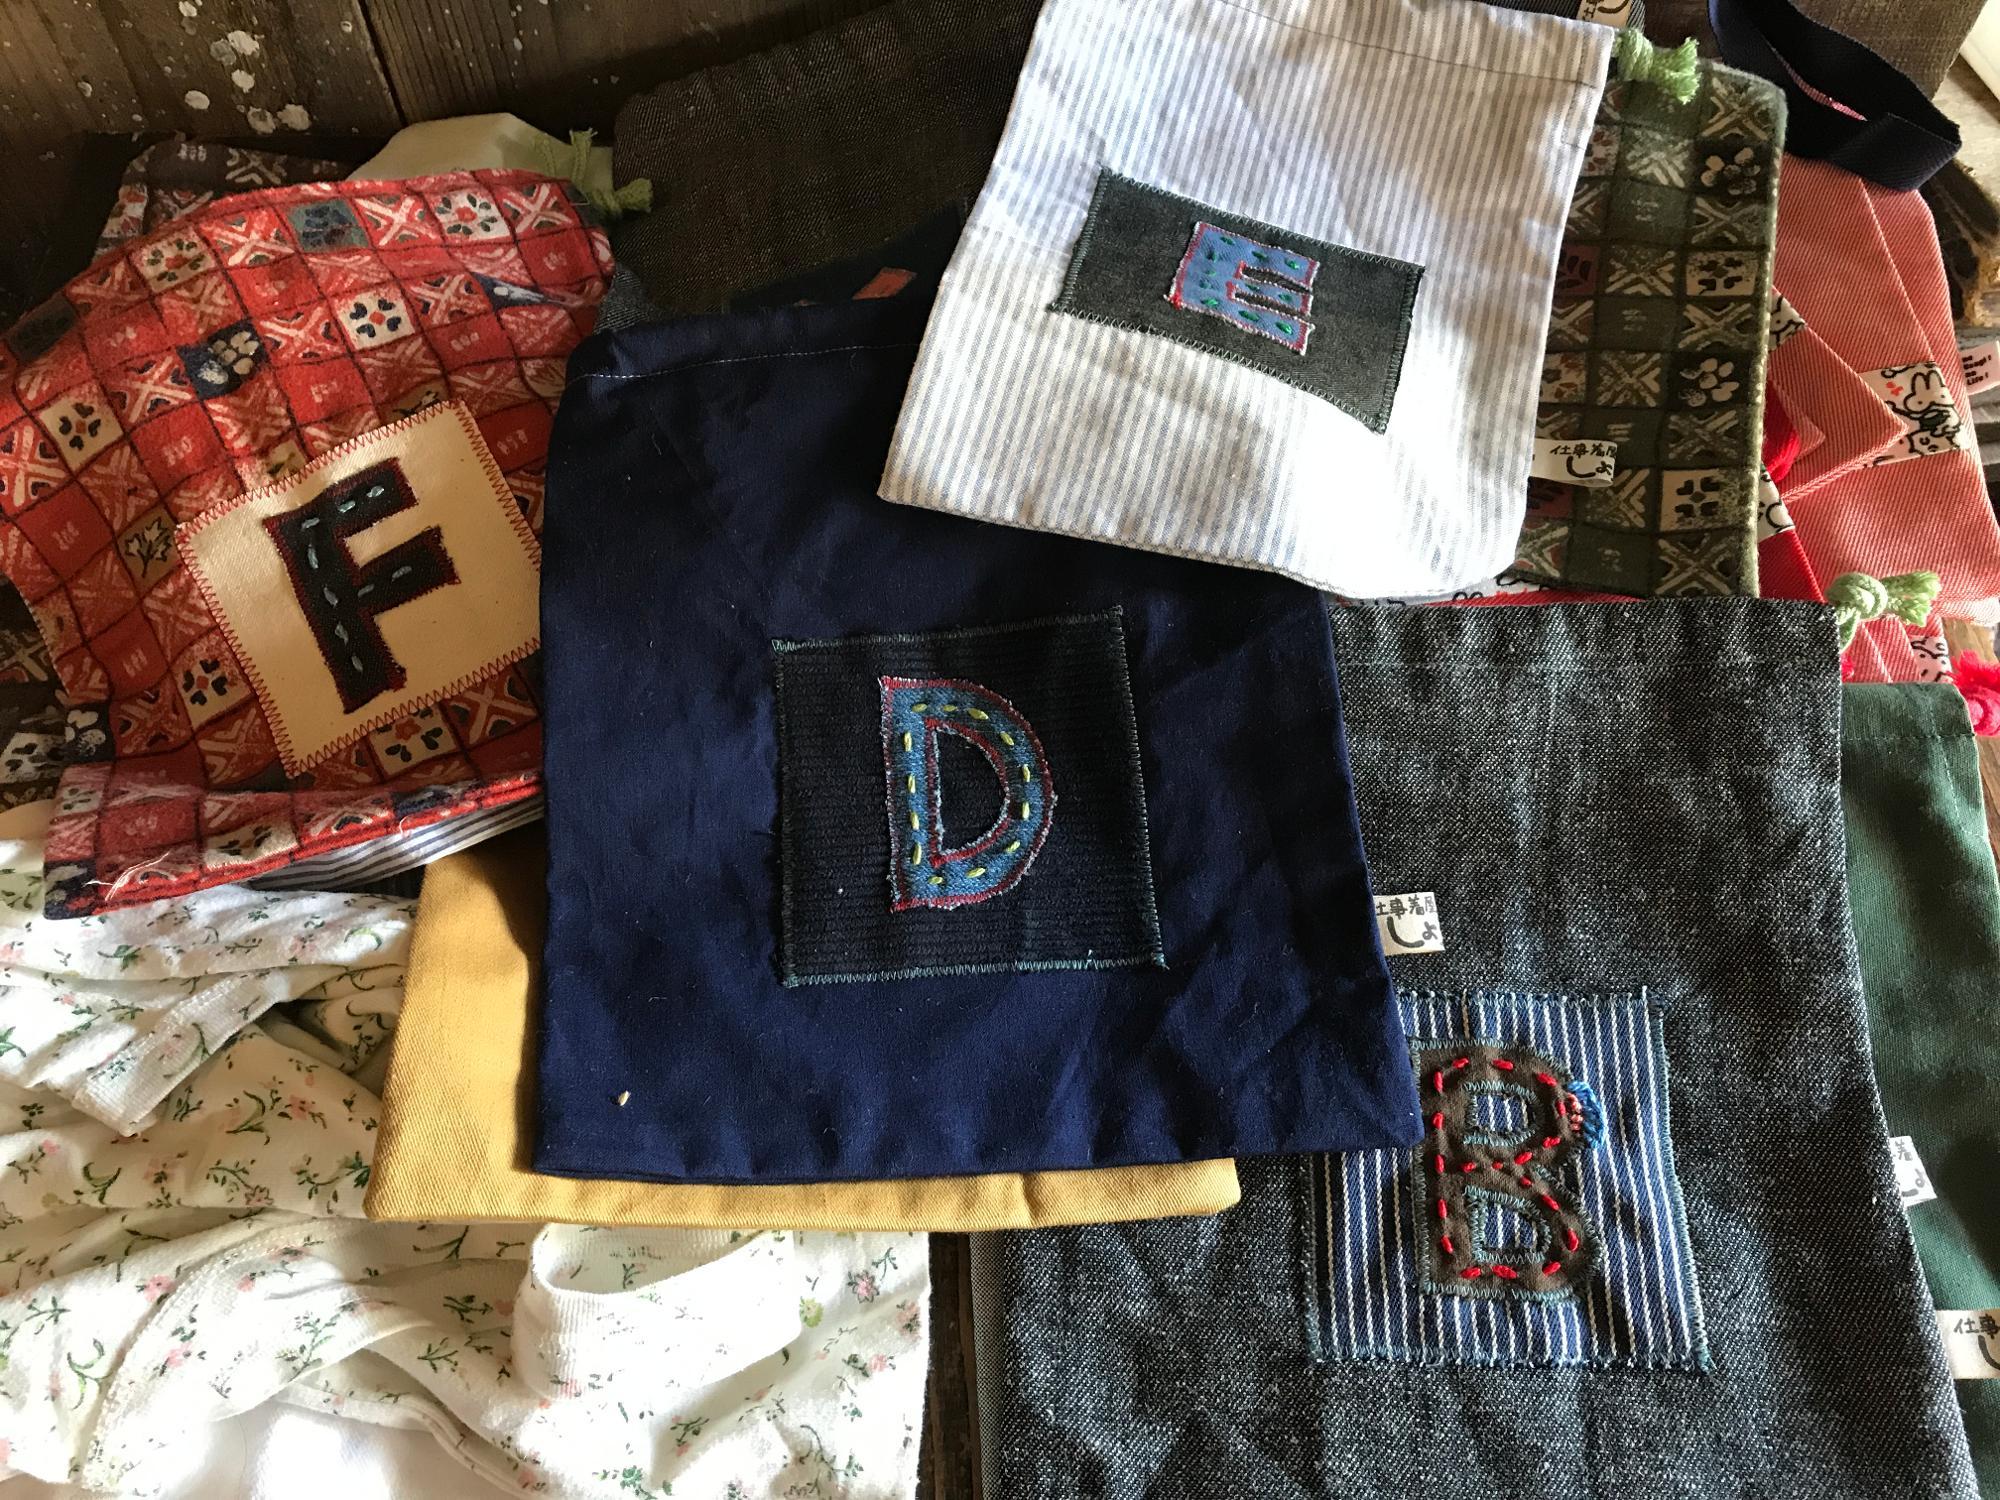 トコさん自らが刺繍をしたバッグ。こちらも無料で配布されました。